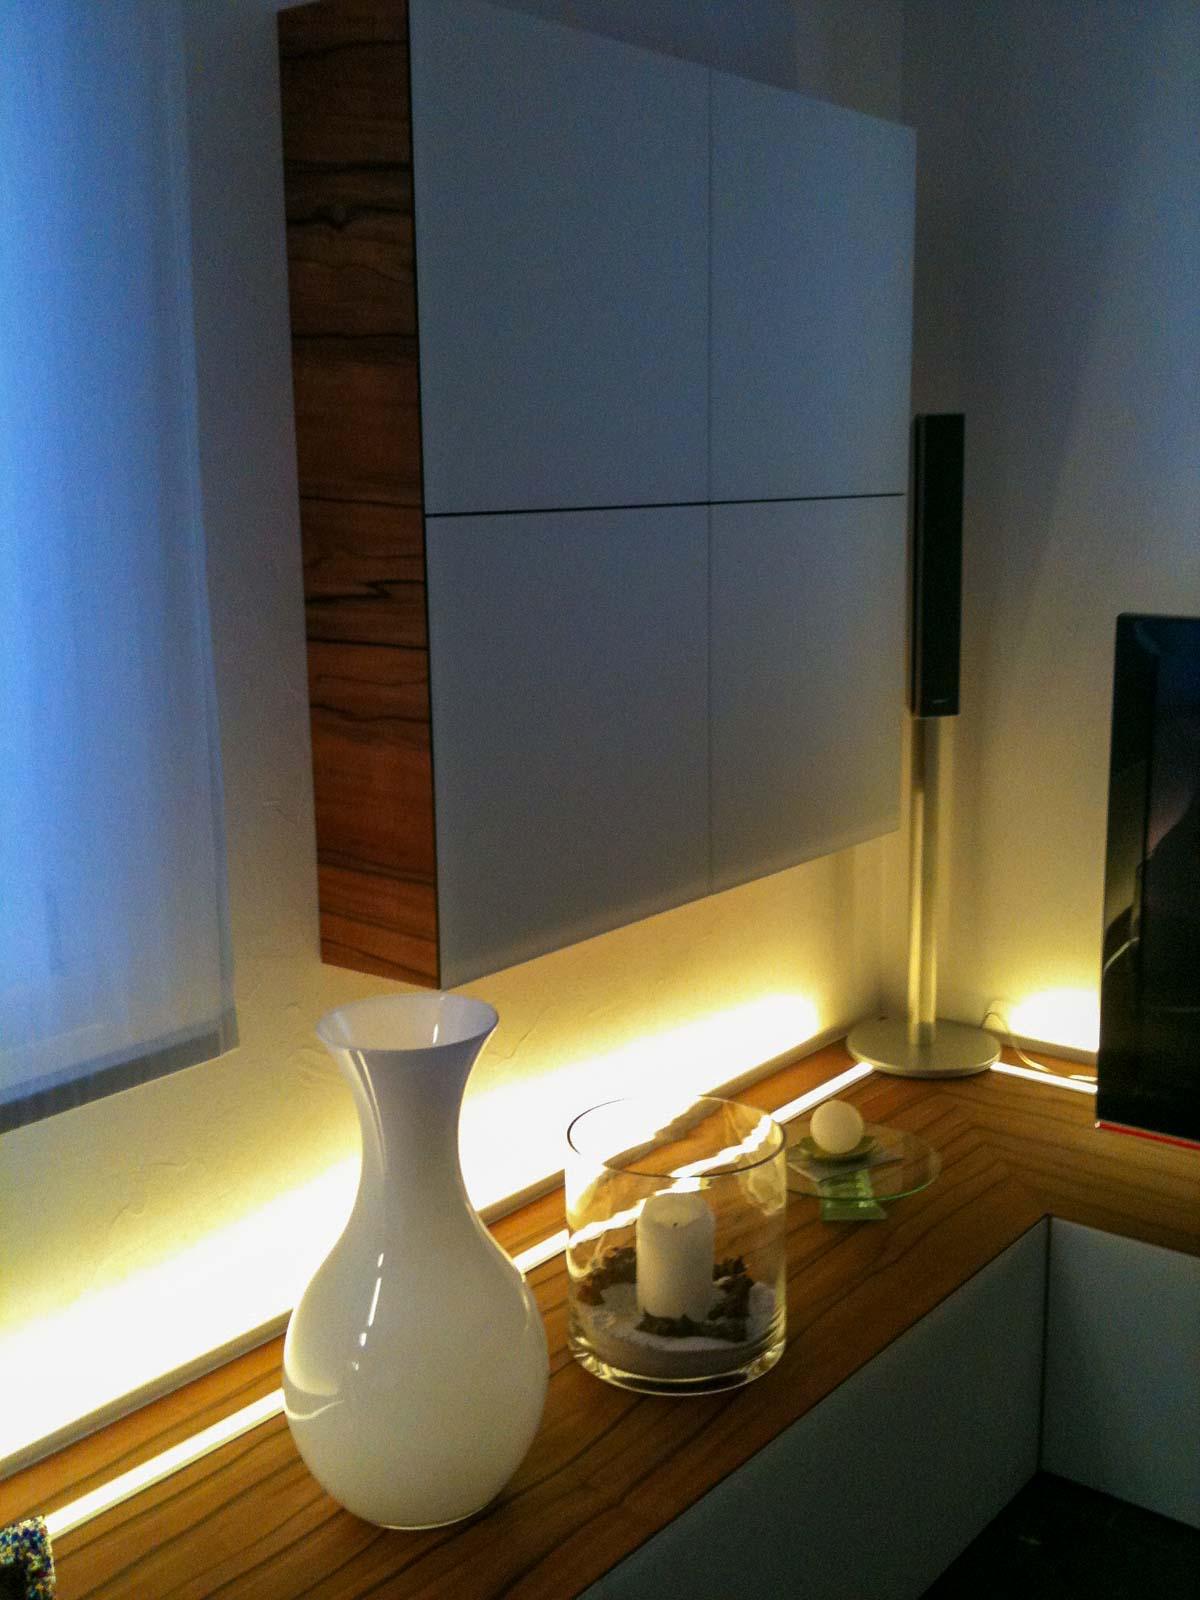 Wooddesign_Wohnzimmermöbel_Indischer Apfelbaum_Tineo_LED Beleuchtung_Glastablar_Bar (4)